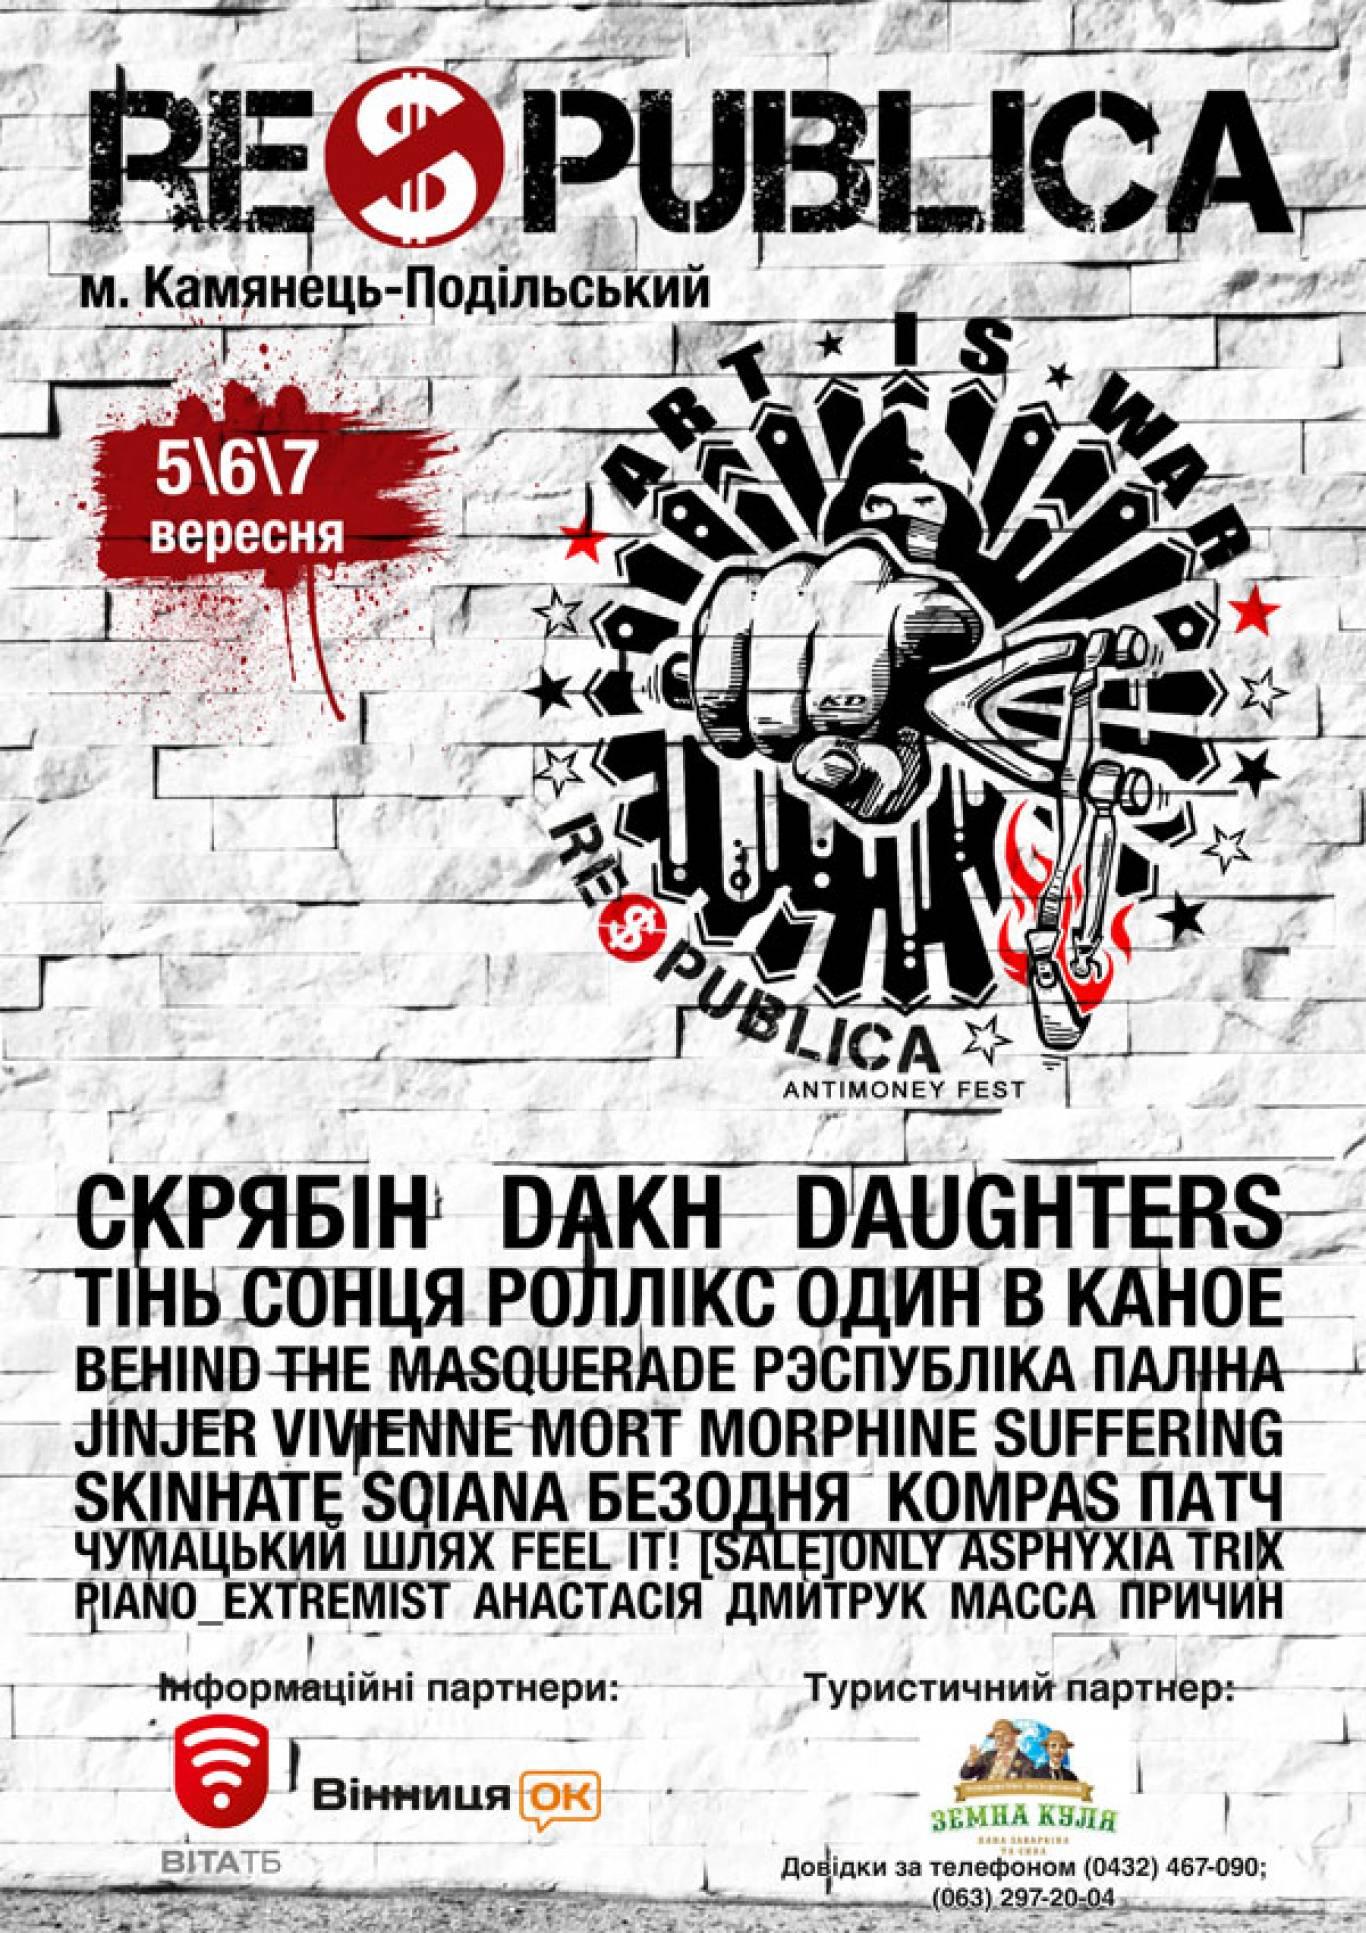 Міжнародний соціо-культурний фестиваль «Respublica 2014»